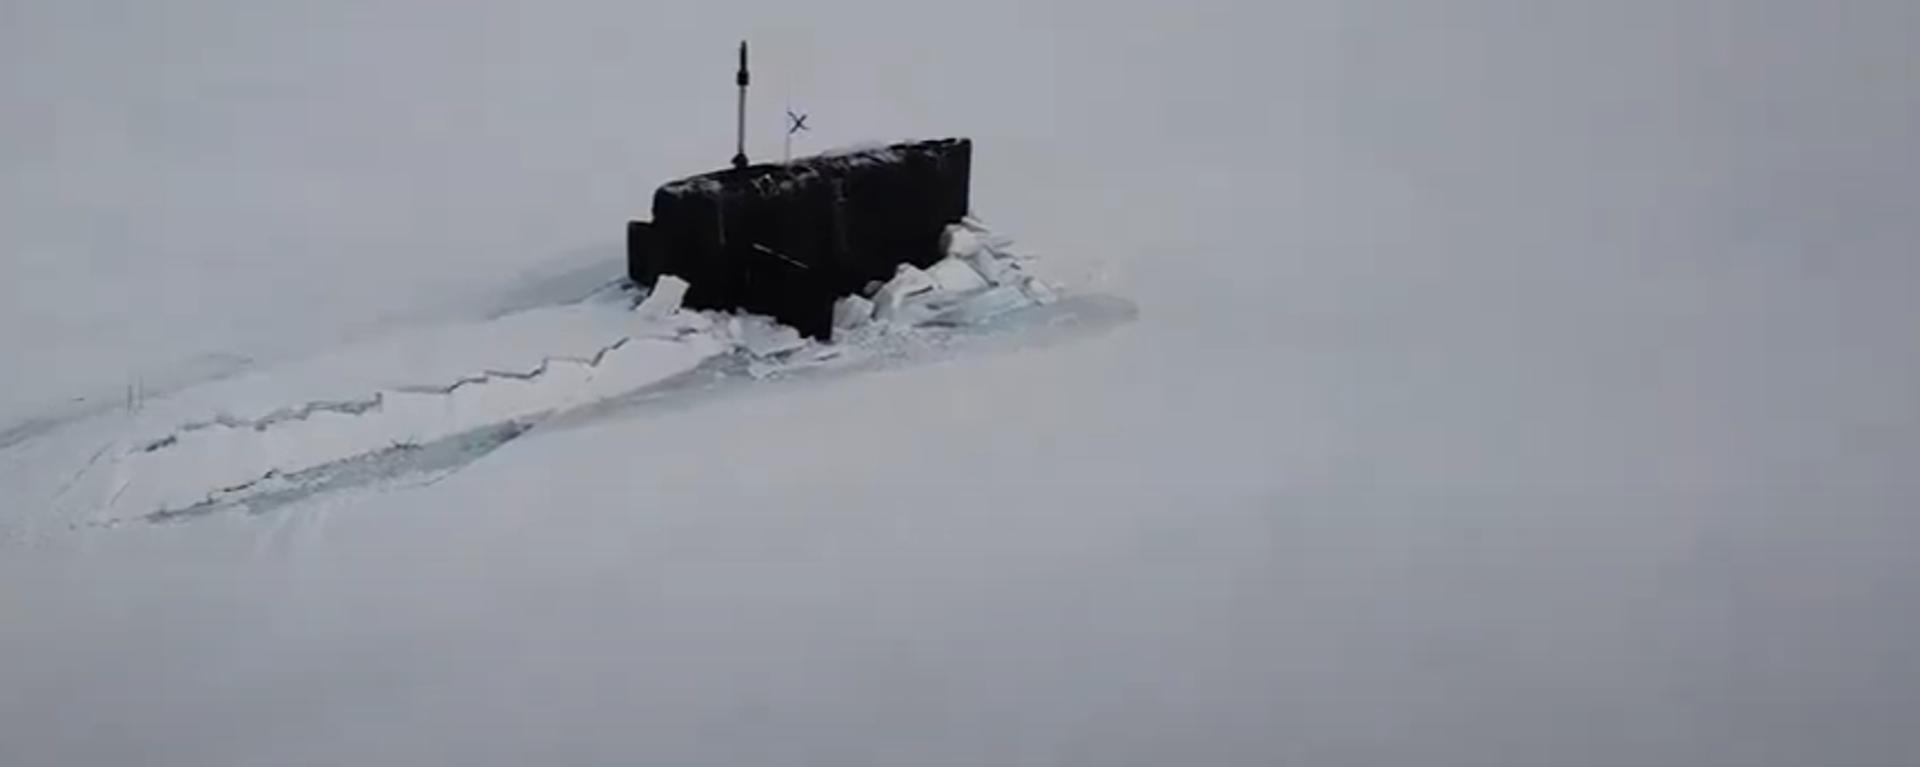 Poprvé v dějinách ruského námořnictva se v Arktidě zpod ledu vynořily tři atomové ponorky - Sputnik Česká republika, 1920, 27.03.2021